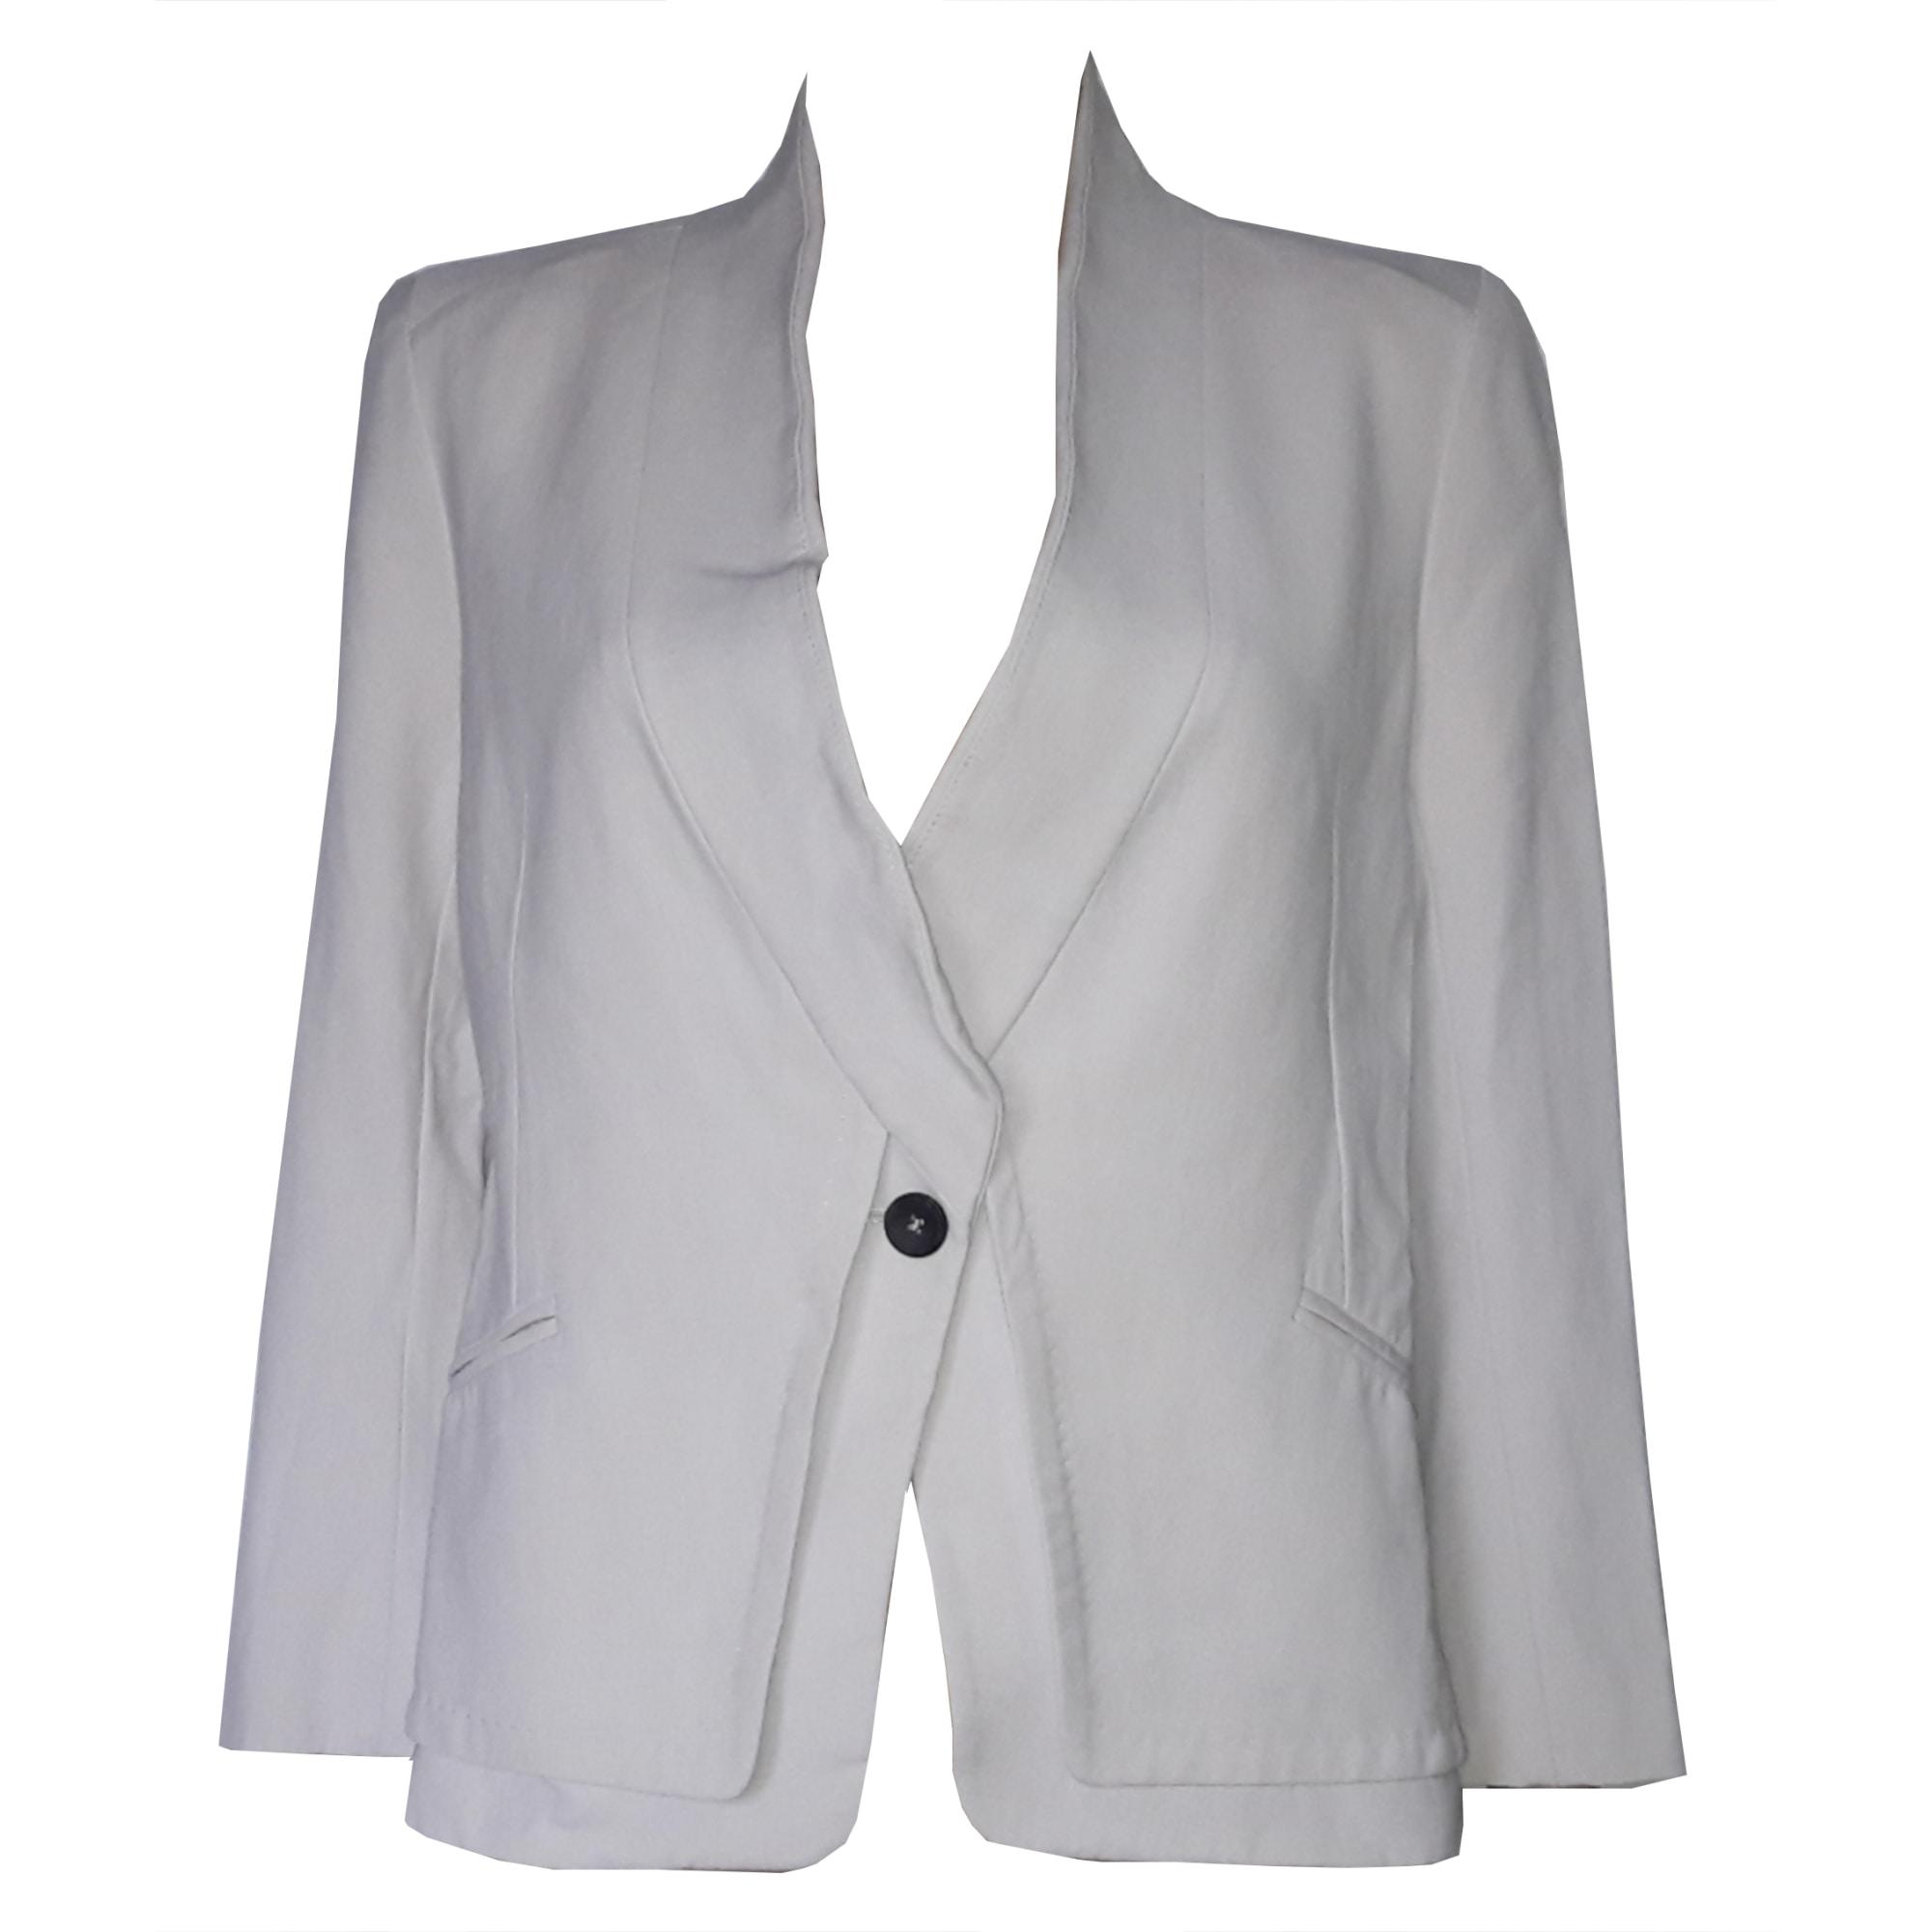 Veste Des Cotonniers Comptoir Blazer Tailleur 38 Blanc T2 m 6Hdf1w